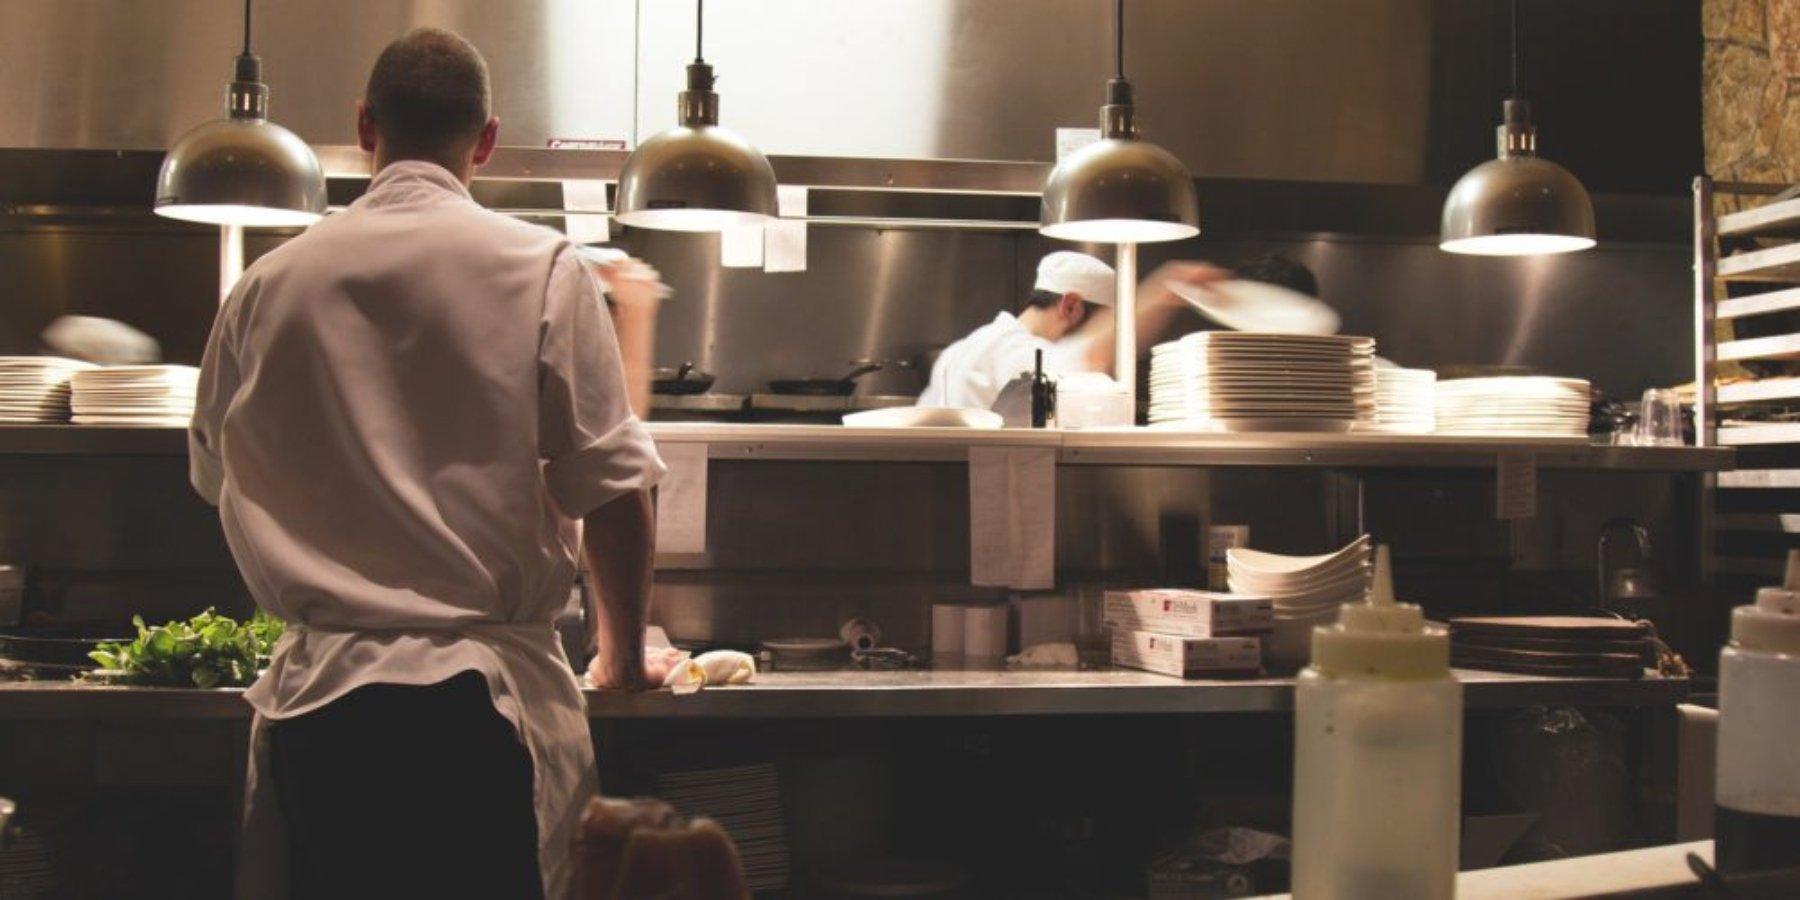 Imagen de restaurante en la cocina donde hay 4 lamparas colgantes de color metal, mesas de acero inoxidable y una persona parada con camisa de color blanco y pantalon negro.   Gas natural